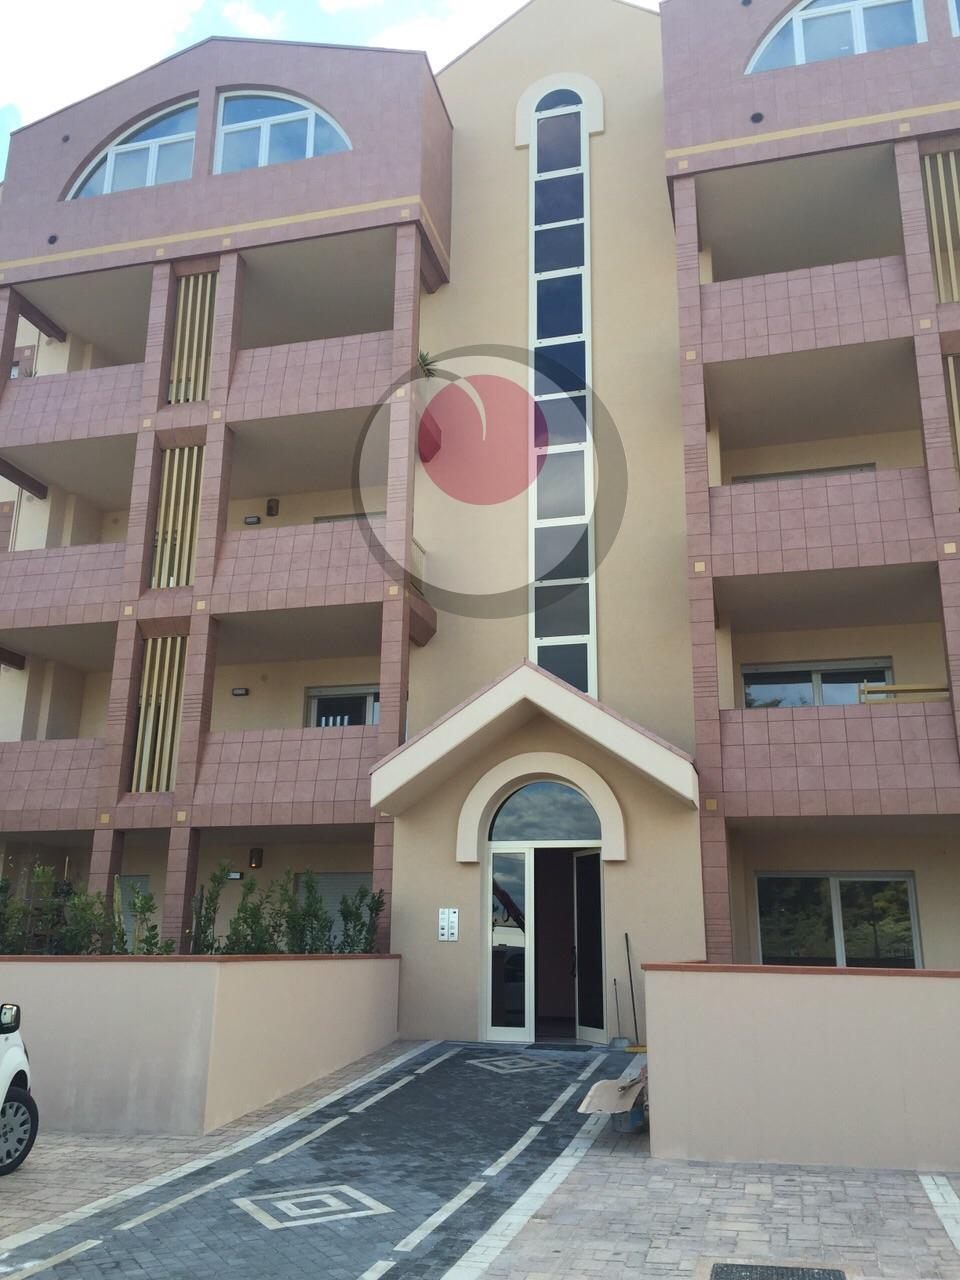 Appartamento in vendita a Lanciano, 6 locali, prezzo € 195.000 | Cambio Casa.it